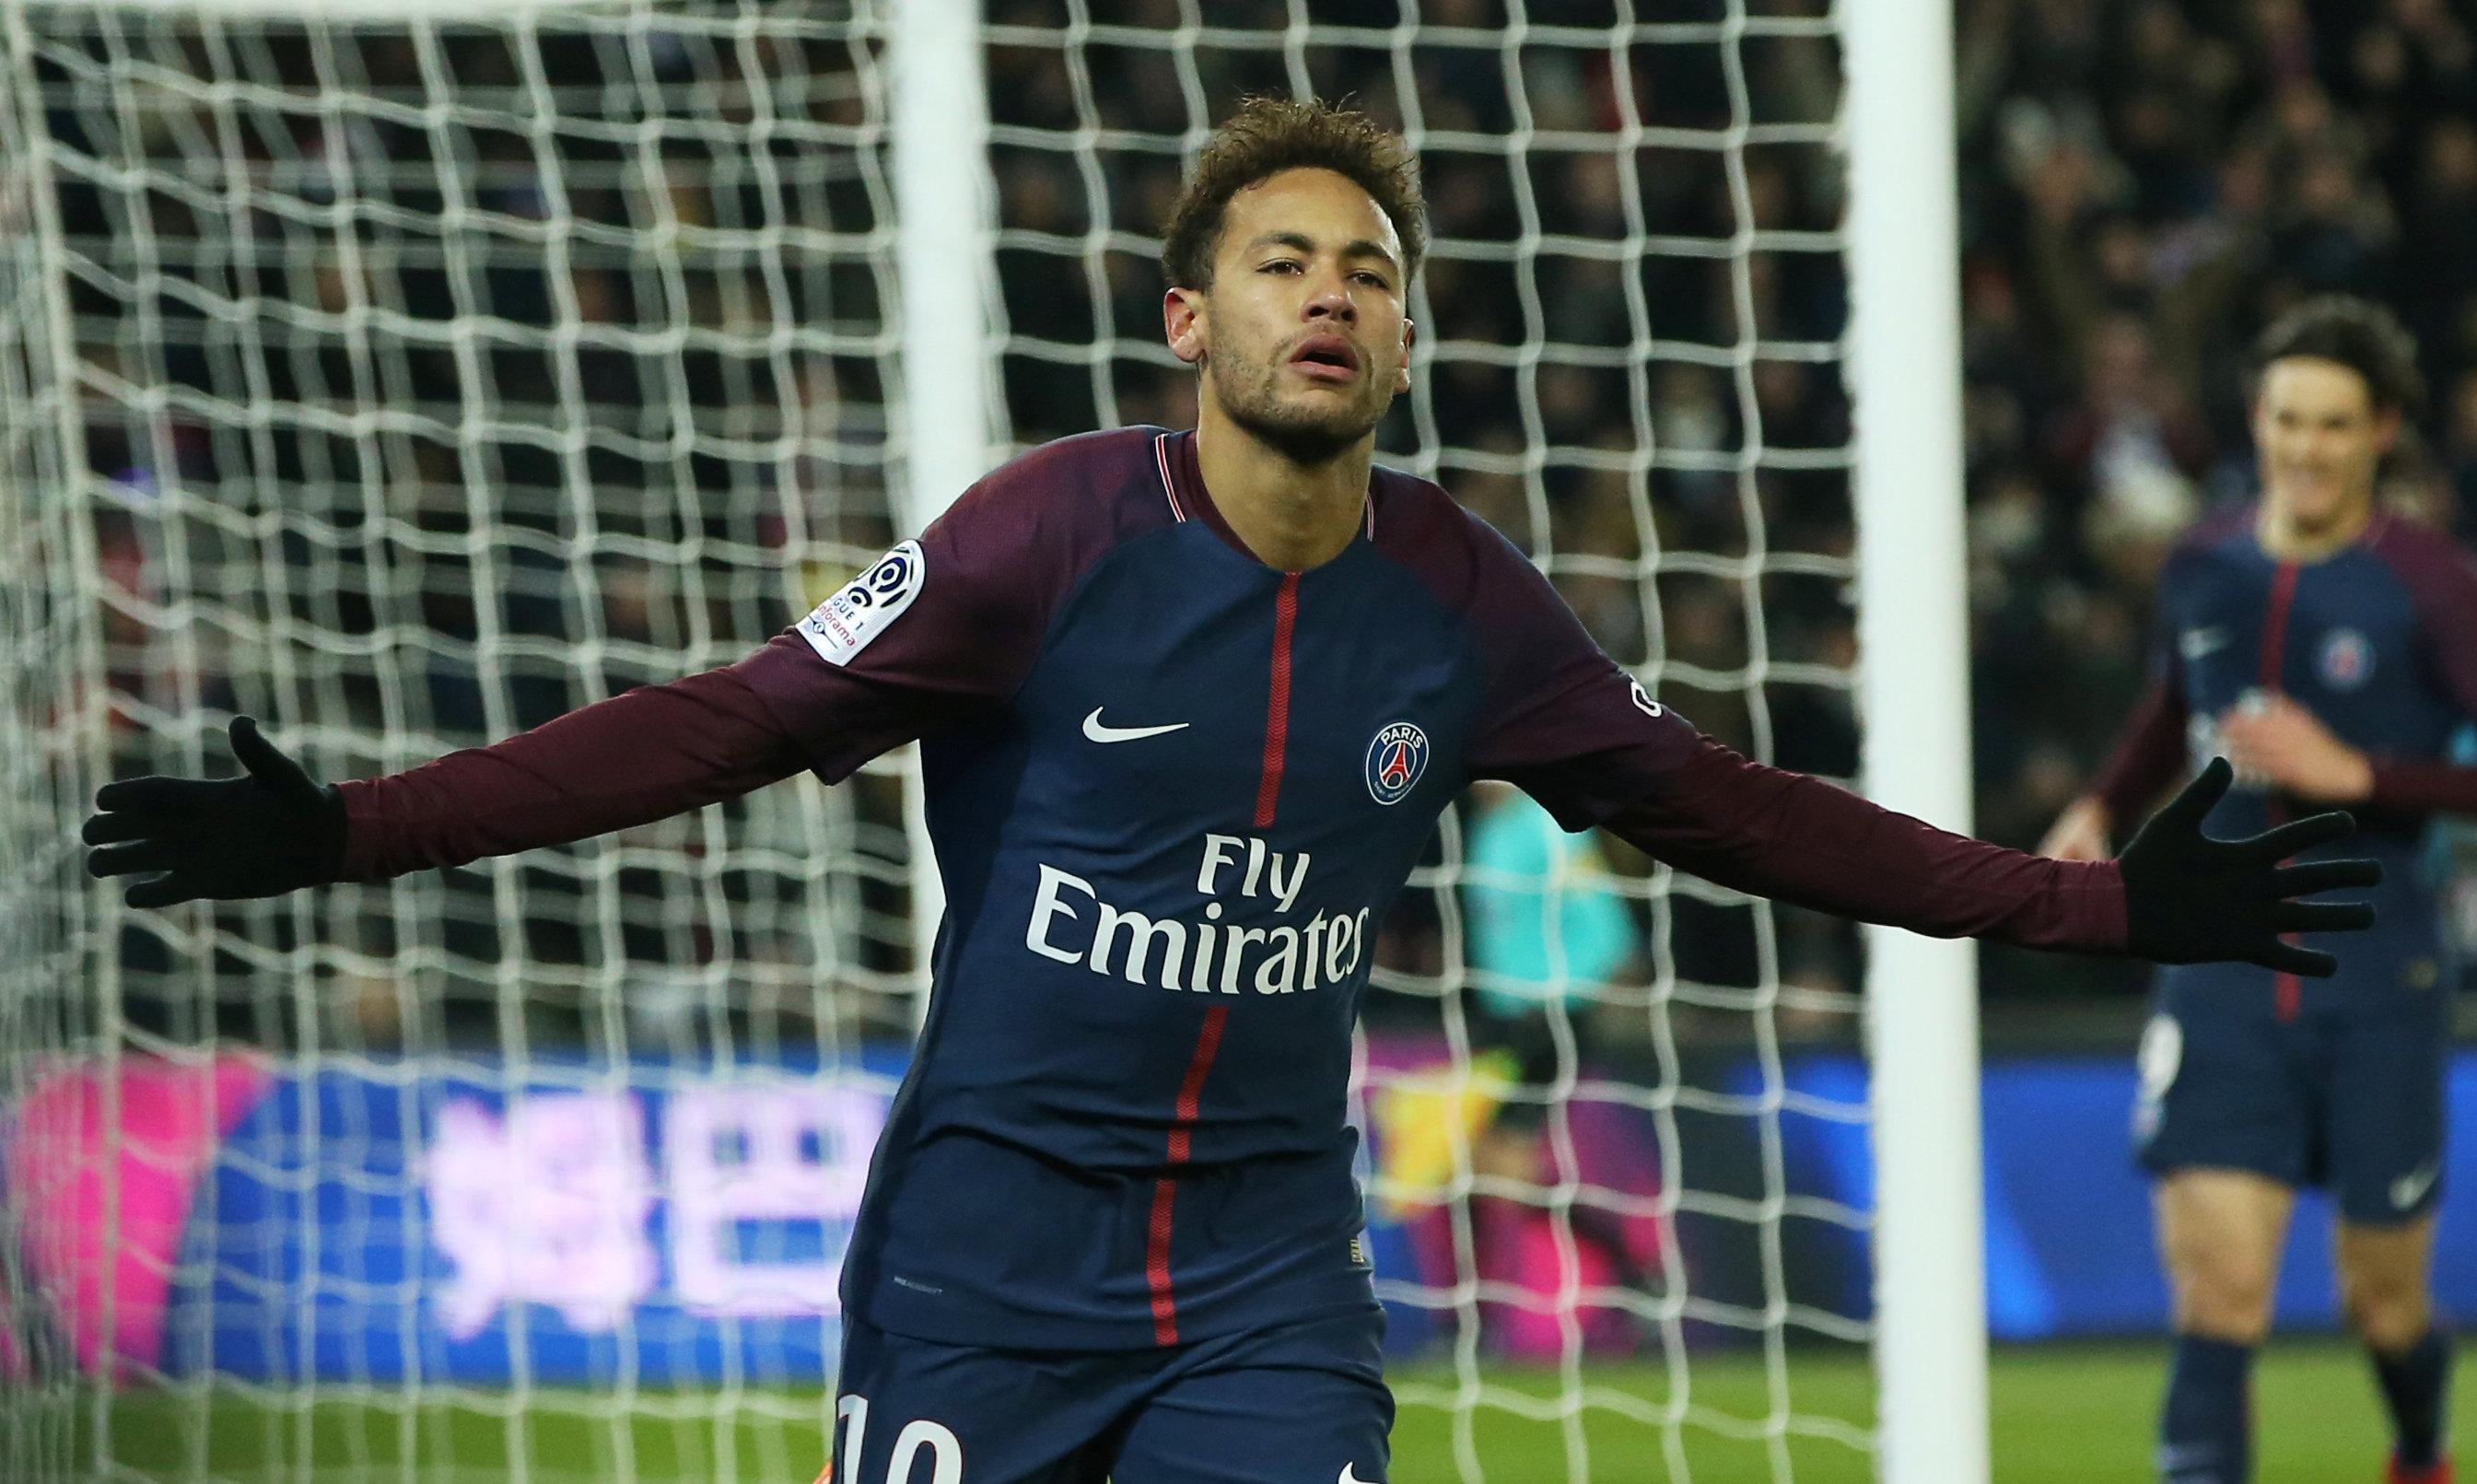 Ligue 1 - Paris St Germain vs Olympique de Marseille